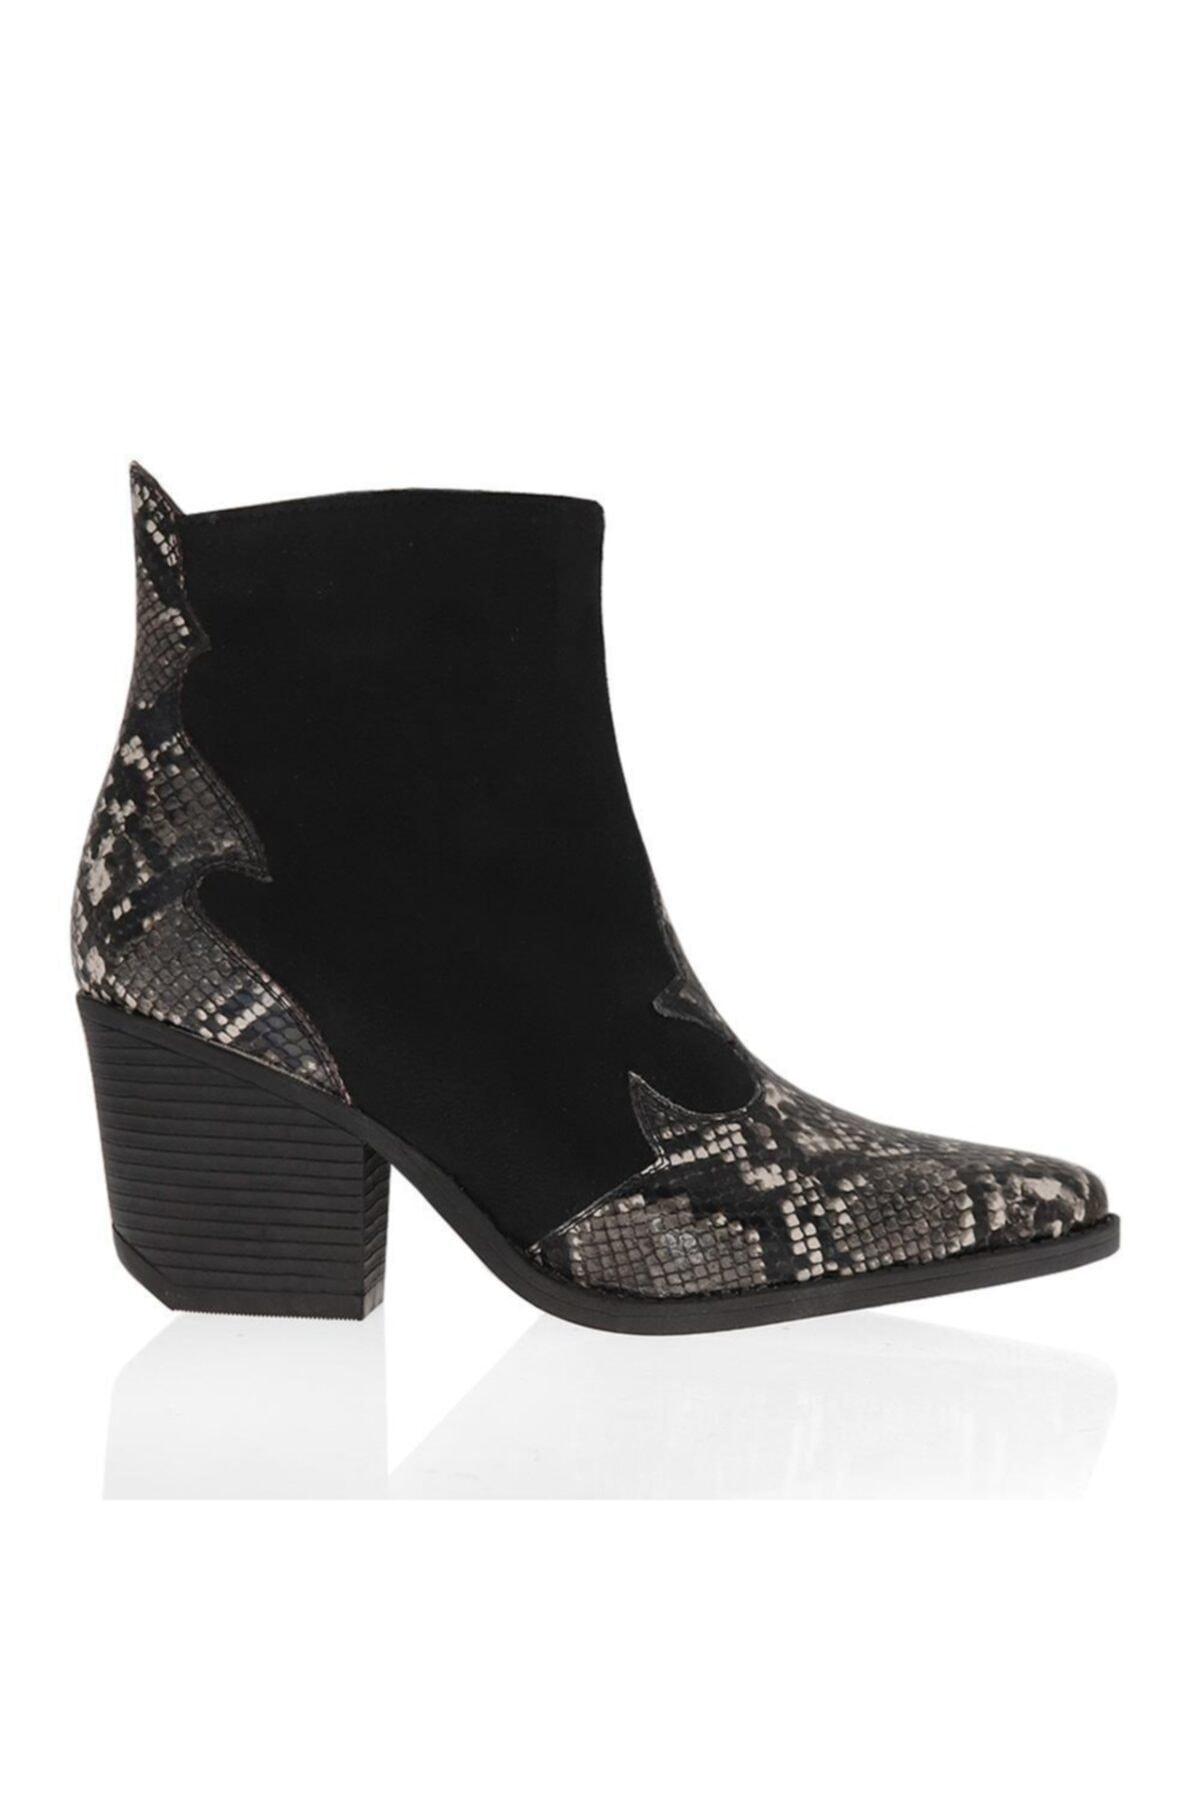 Ayakkabım Çantam Çizgi 6092 Kovboy Kadın Bot 2